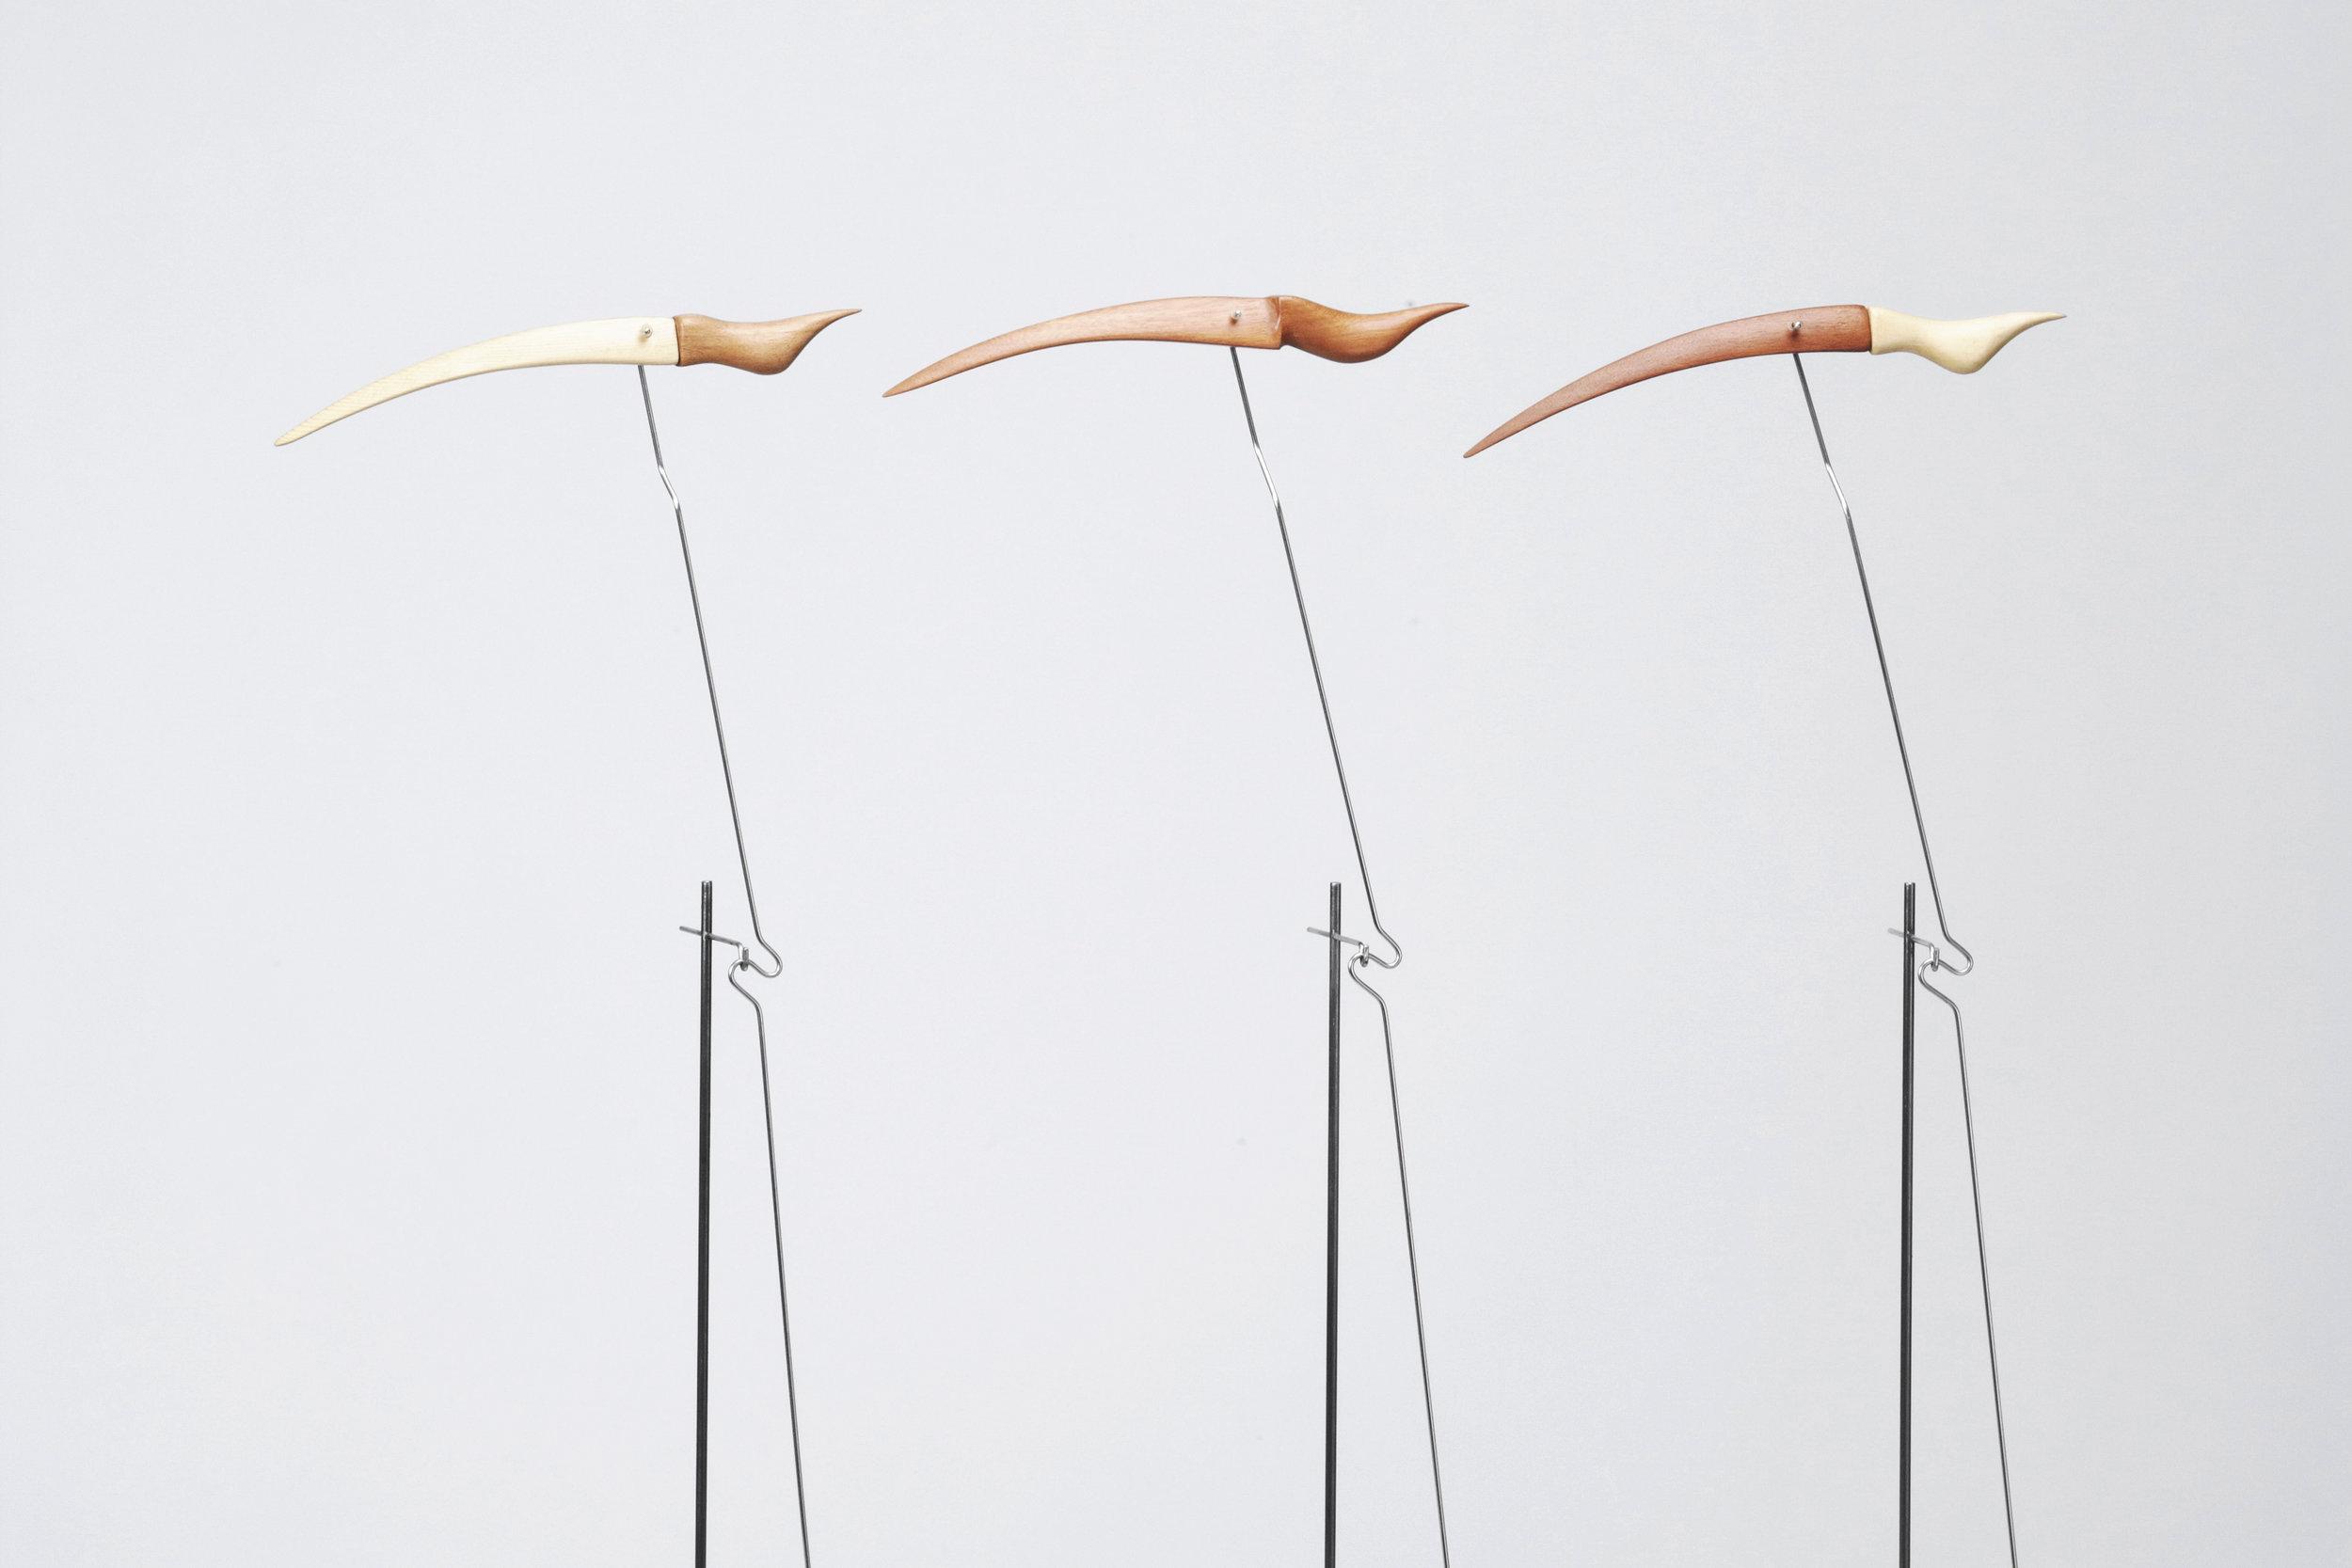 Esculturas estáticas pequeñas de madera de cedro, creada por Antoni Yranzo en el año 2007 en su estudio-taller de Barcelona